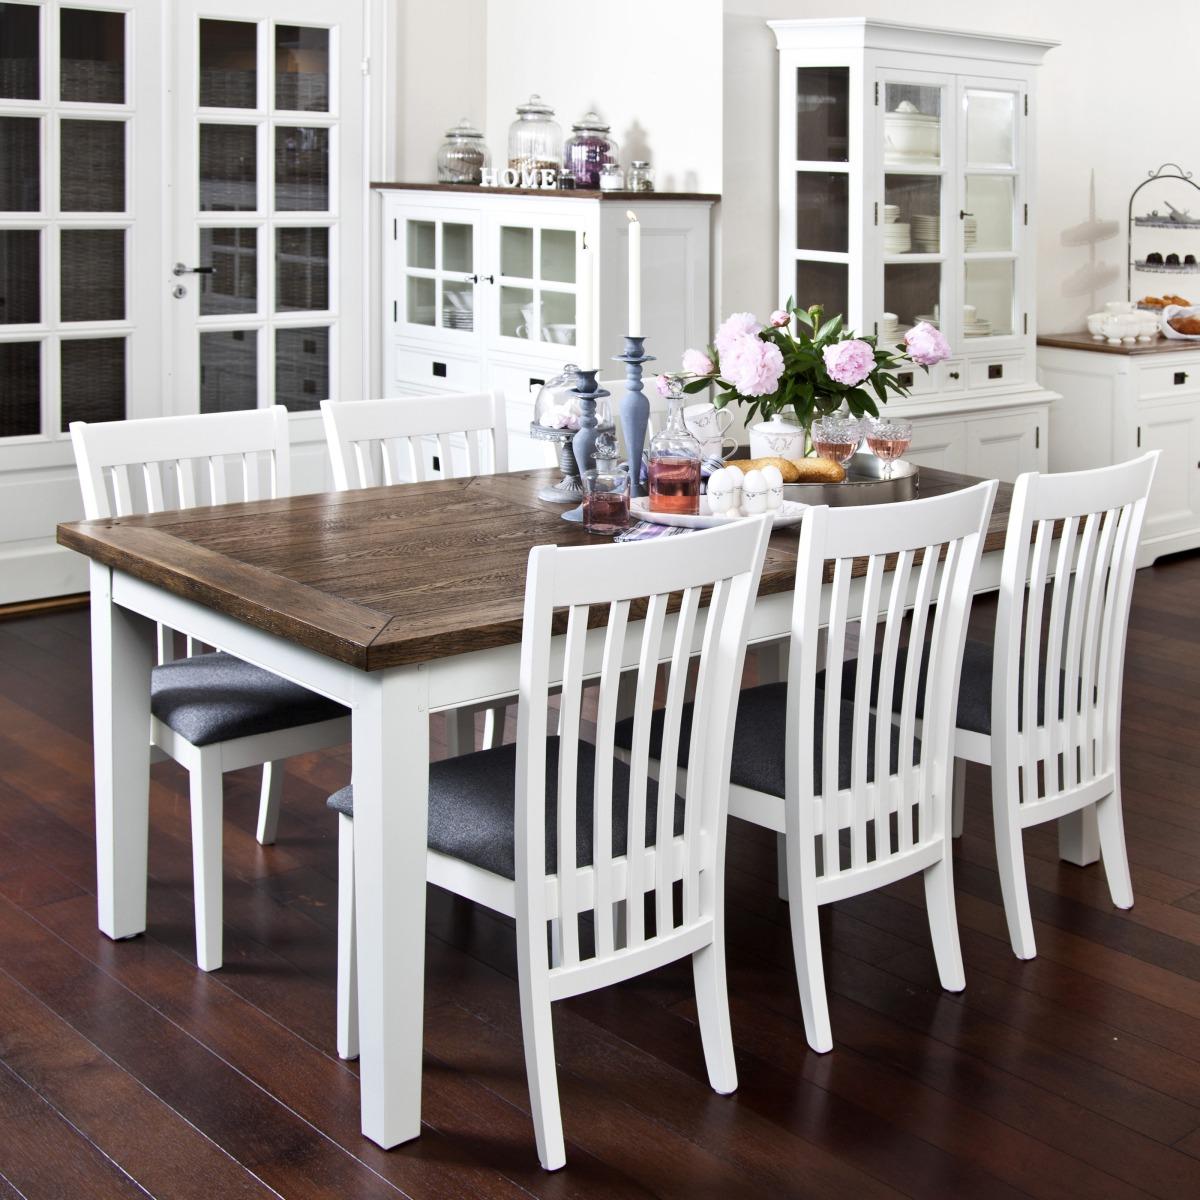 k?k ek och vitt  med butterflyskiva Vit ek + stolar 11795 kr